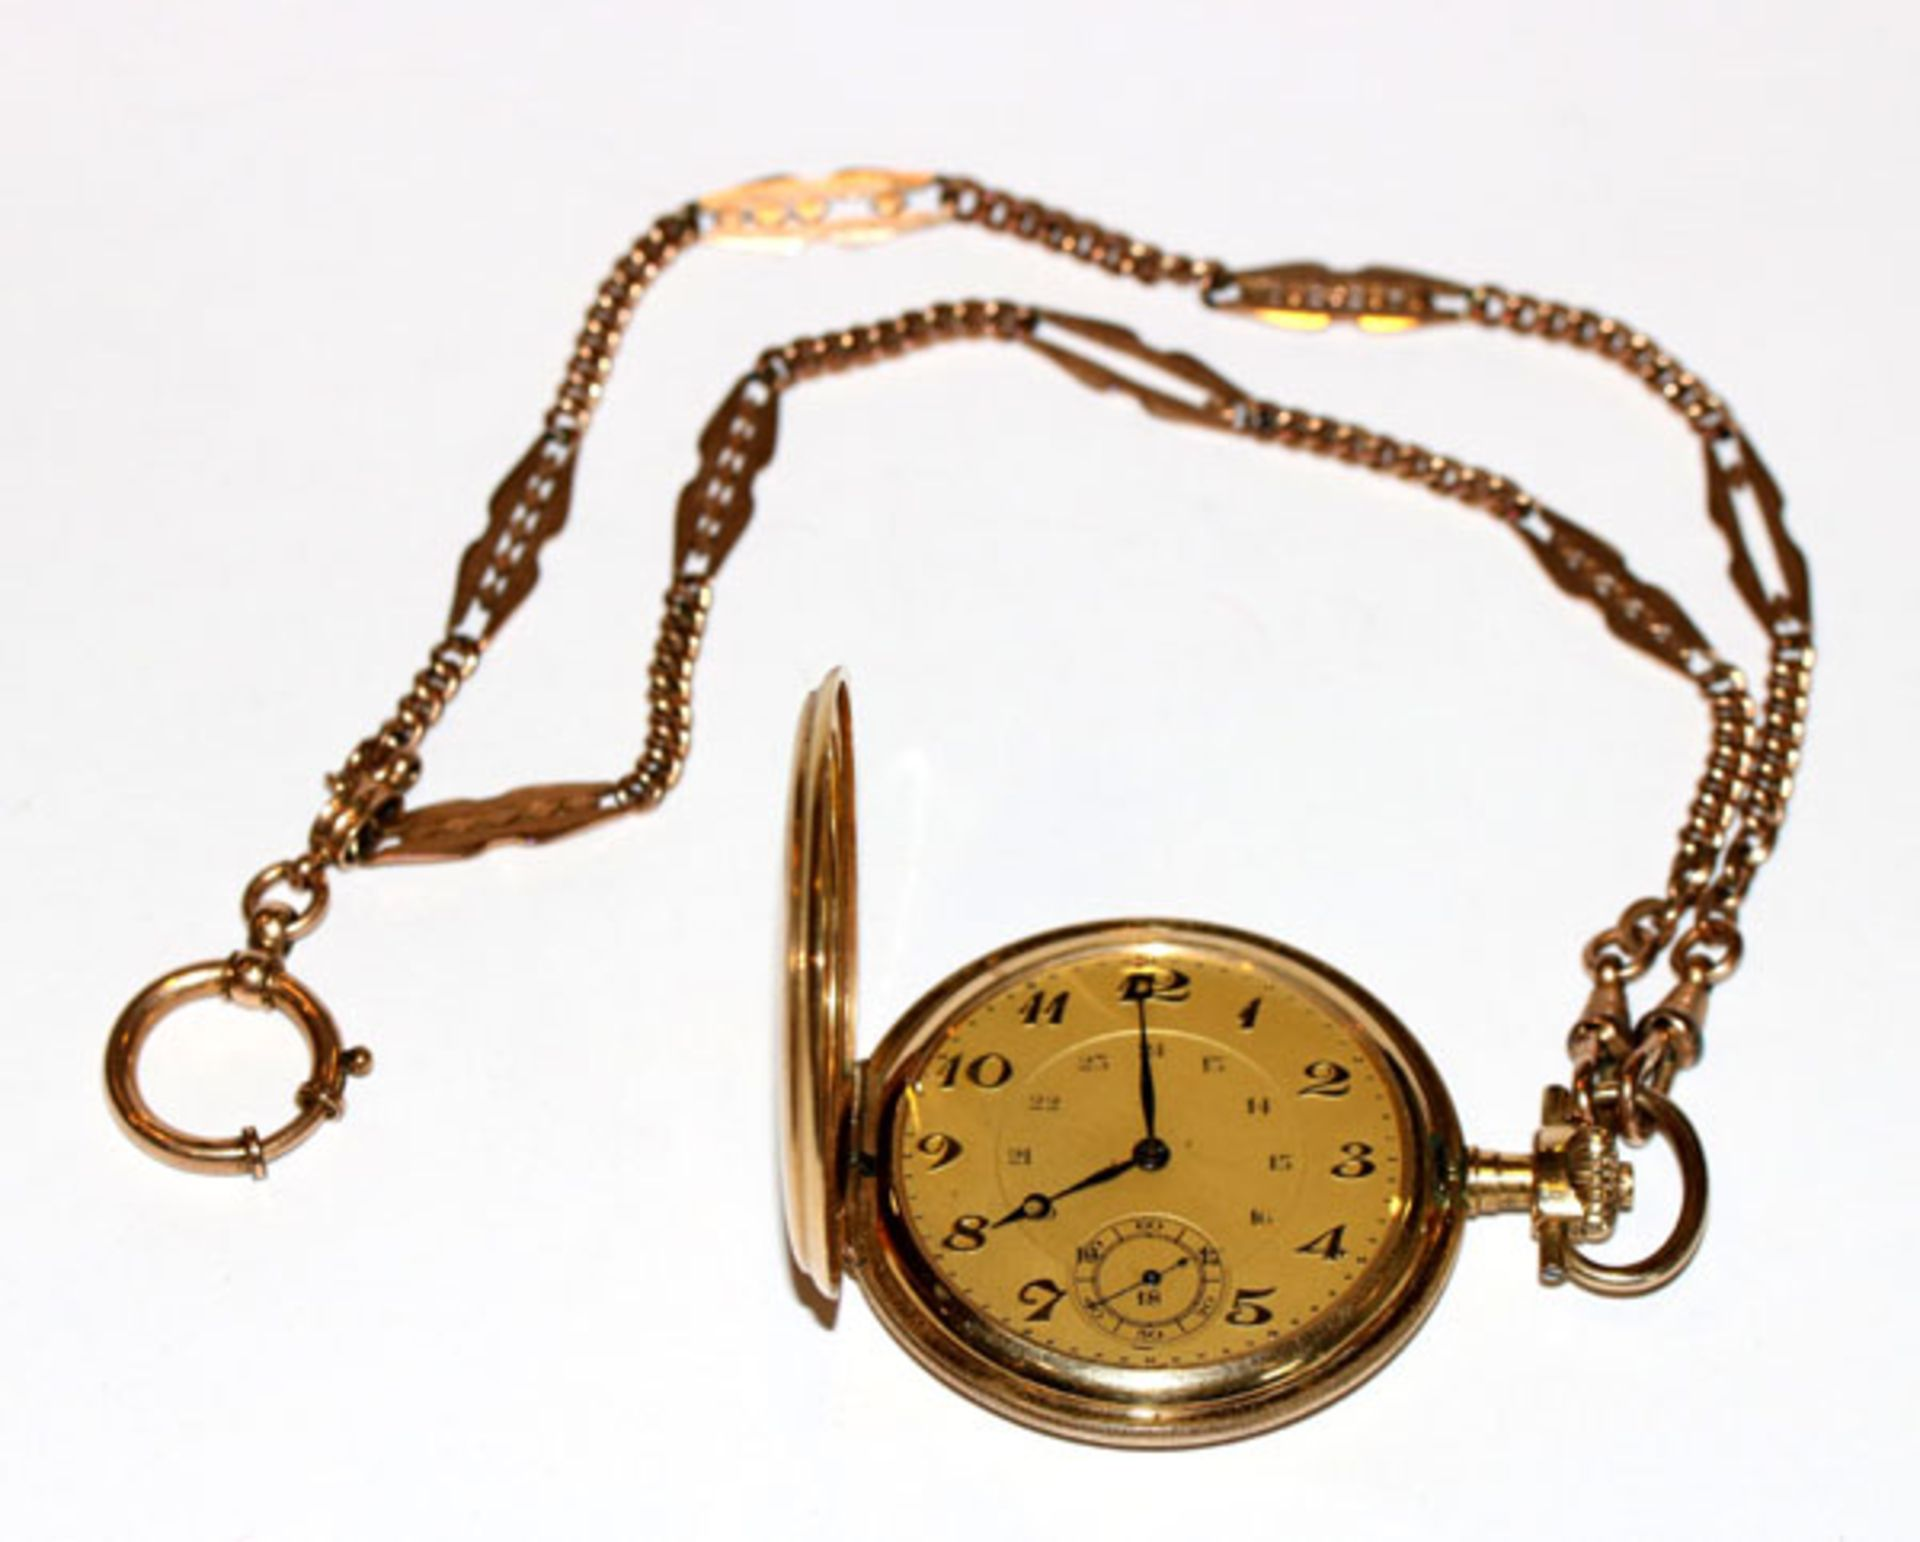 Doublé Sprungdeckel Taschenuhr, gelbes Zifferblatt, D 5 cm, intakt, an Uhrenkette, L 24 cm,